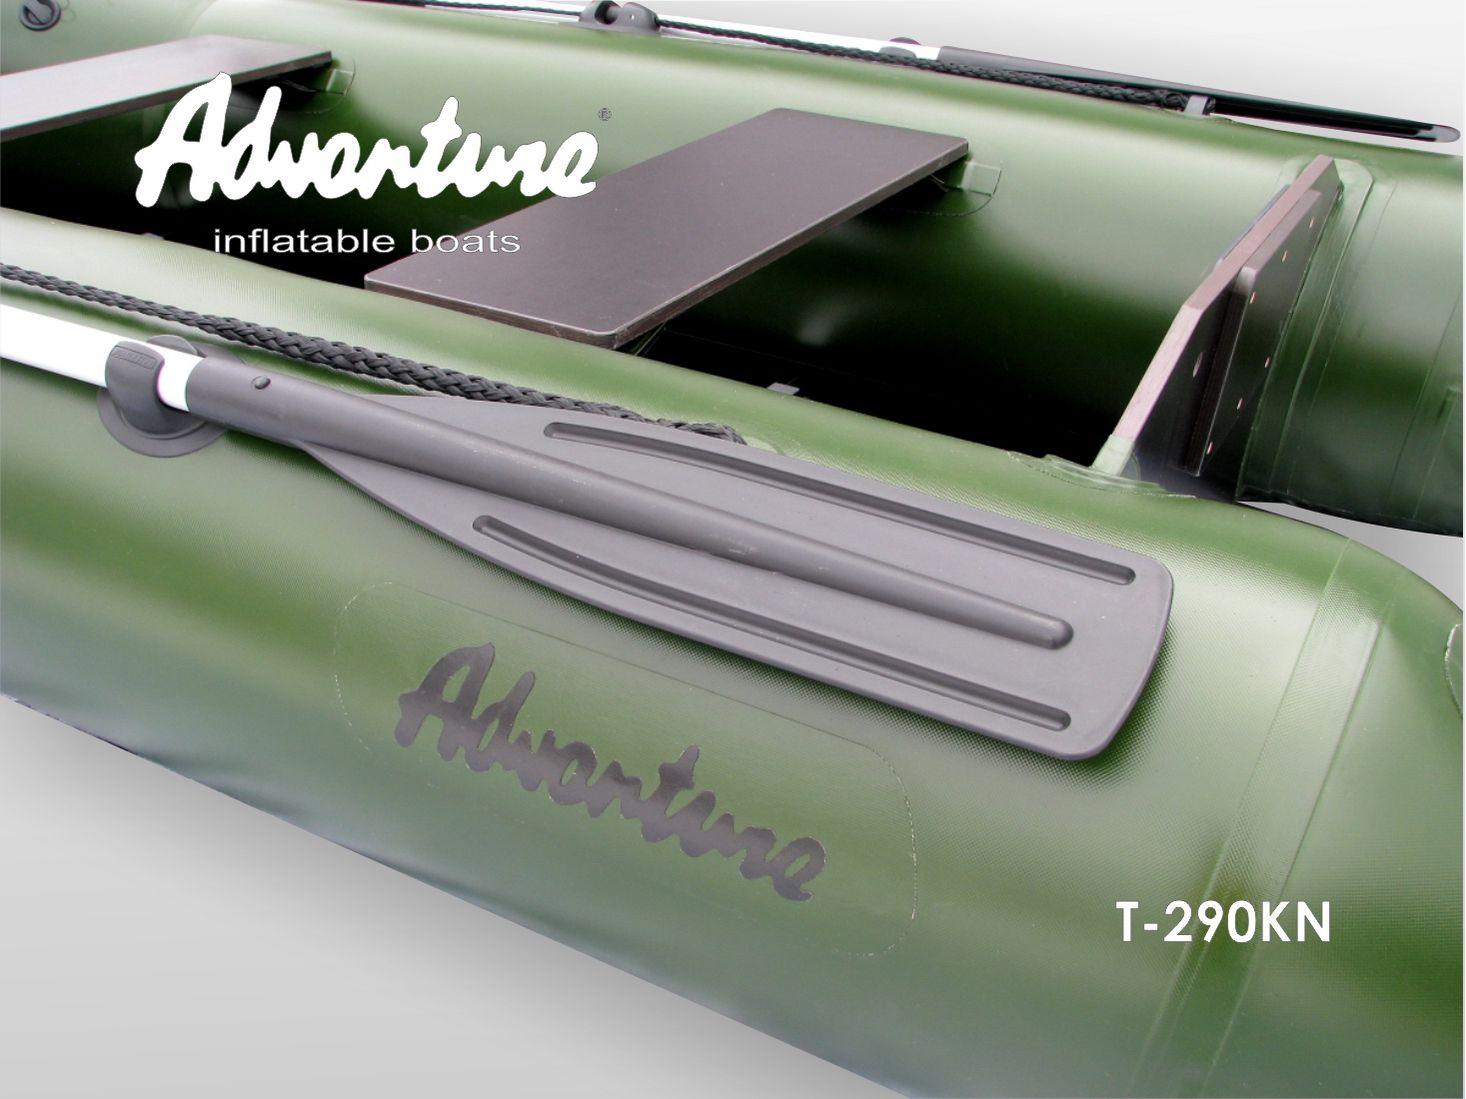 Надувная лодка Adventure T-290KN - фото 9